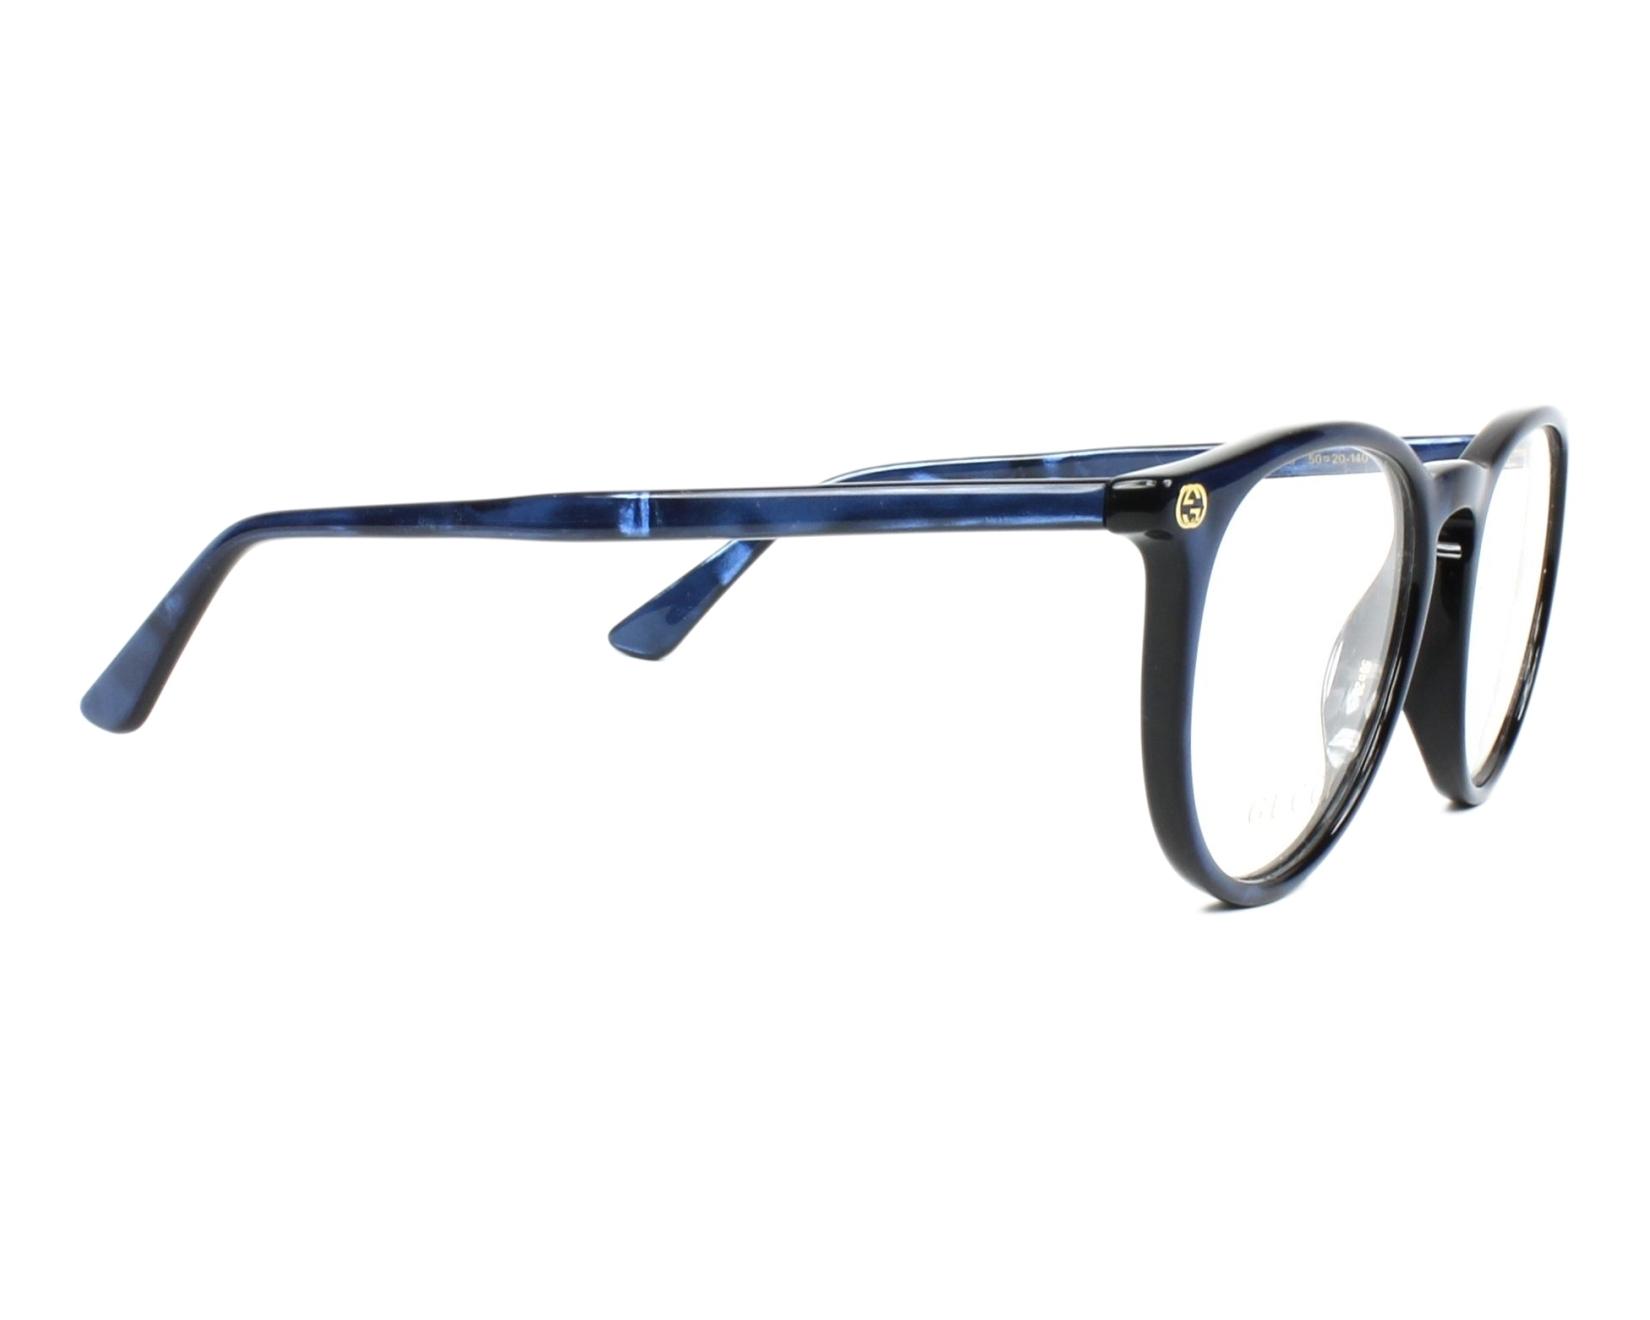 82766ca233 Lunettes de vue Gucci GG-00270 005 50-20 Bleu vue de côté